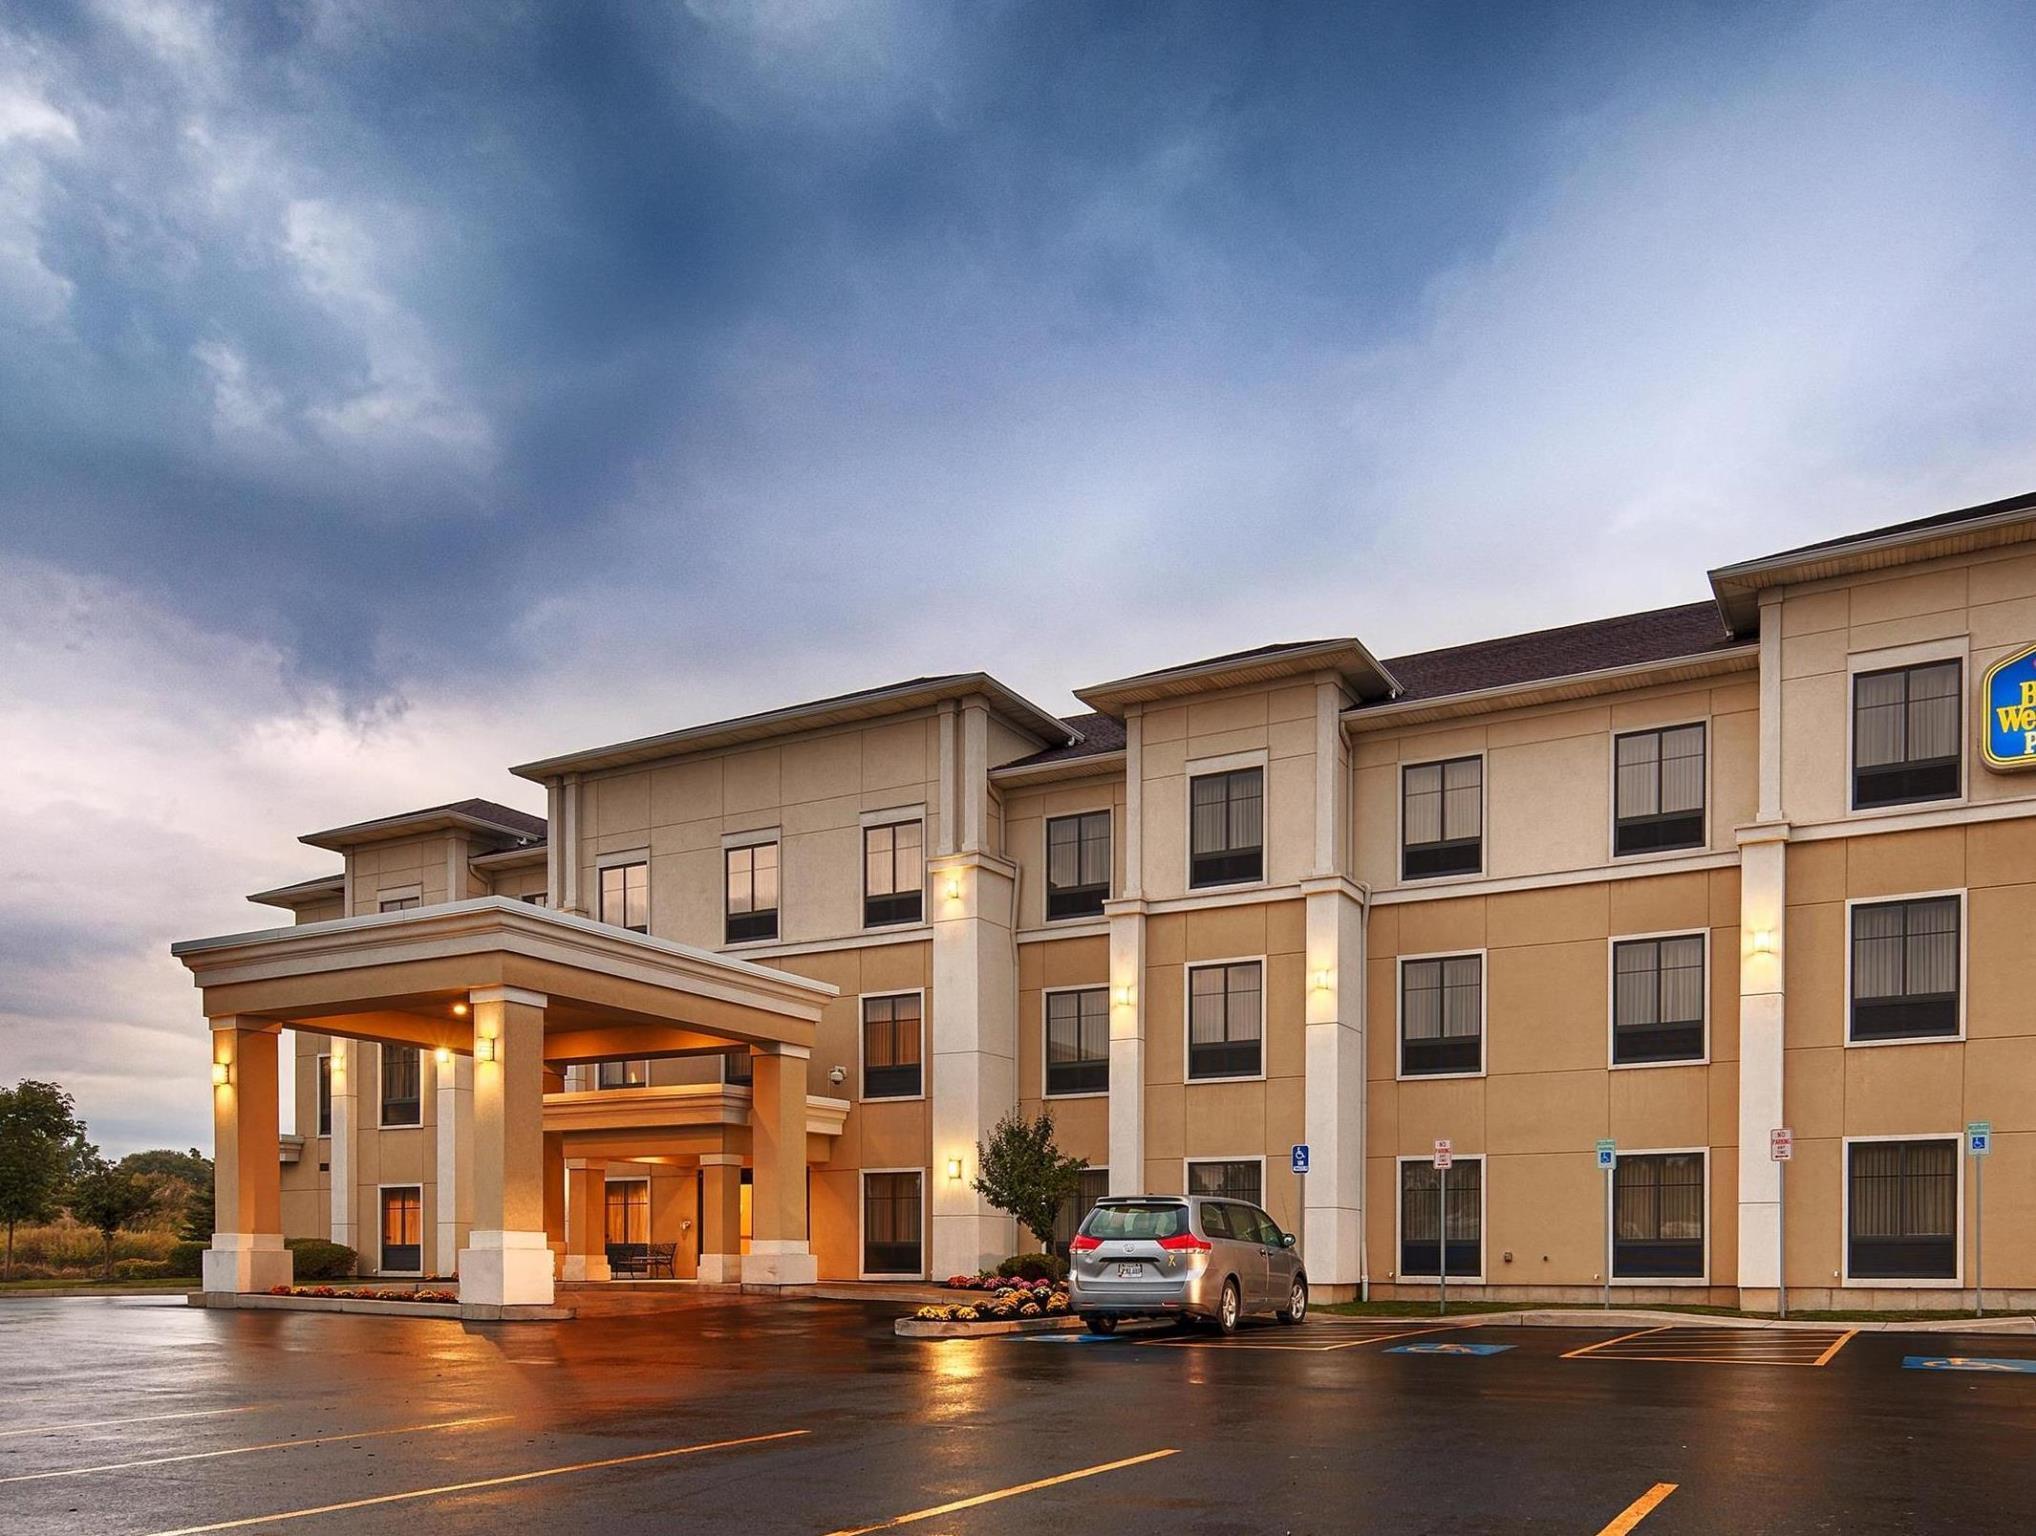 La Quinta Inn And Suites By Wyndham Lackawanna